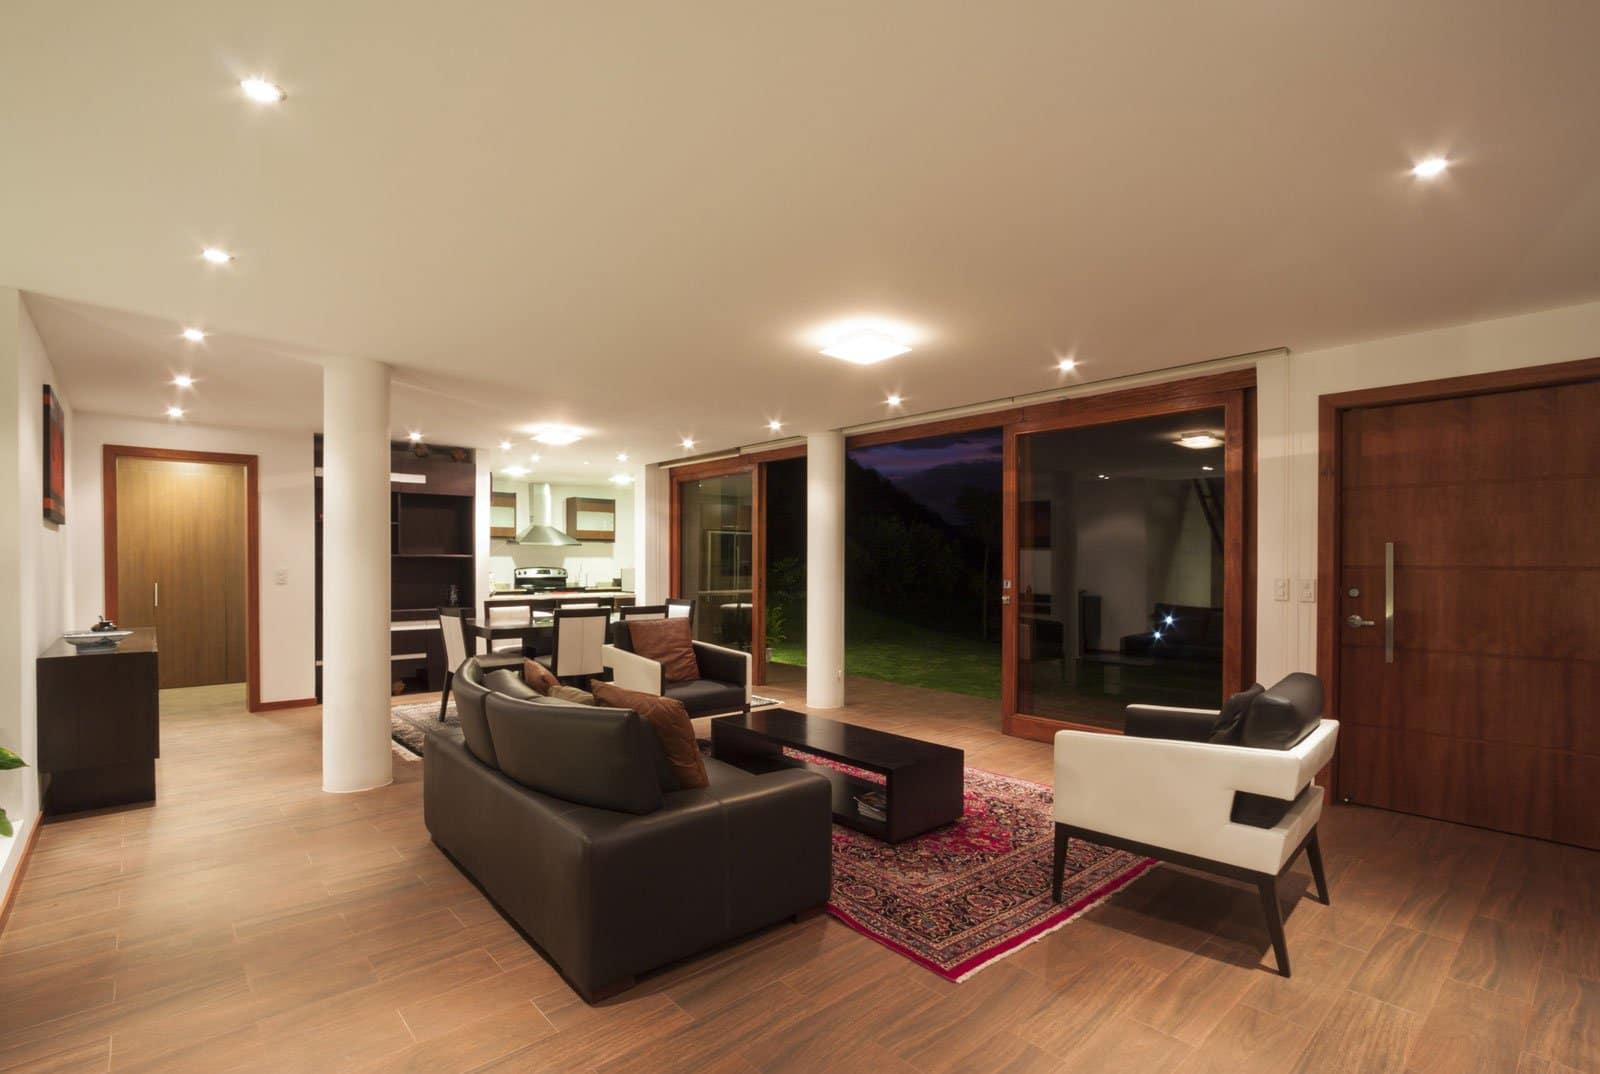 diseo de interiores de la moderna casa de una planta